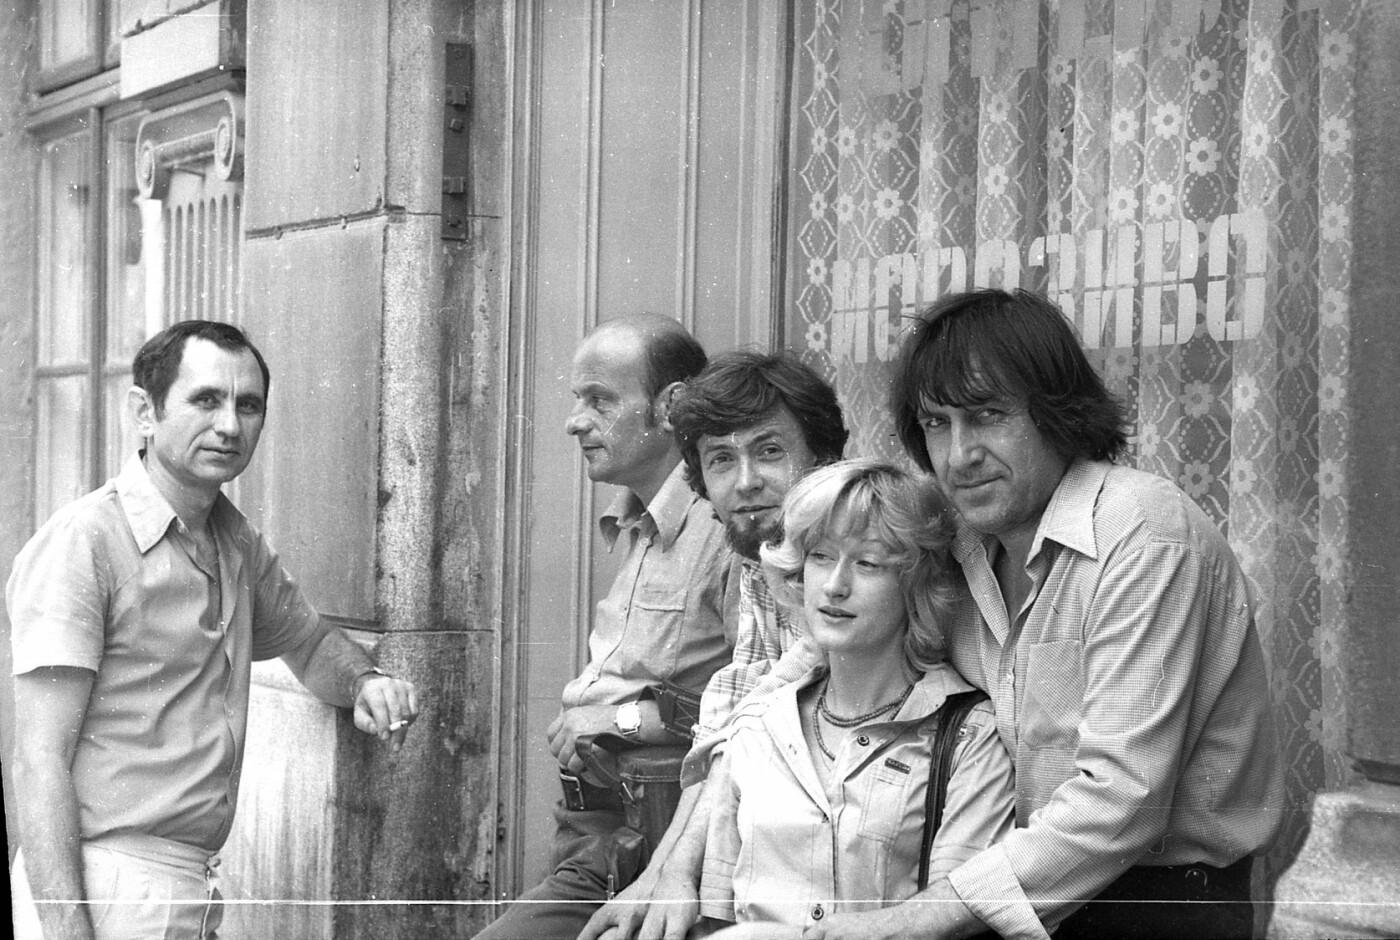 Як виглядали перехожі на вулицях Львова у 1970-х роках, - ФОТО, фото-1